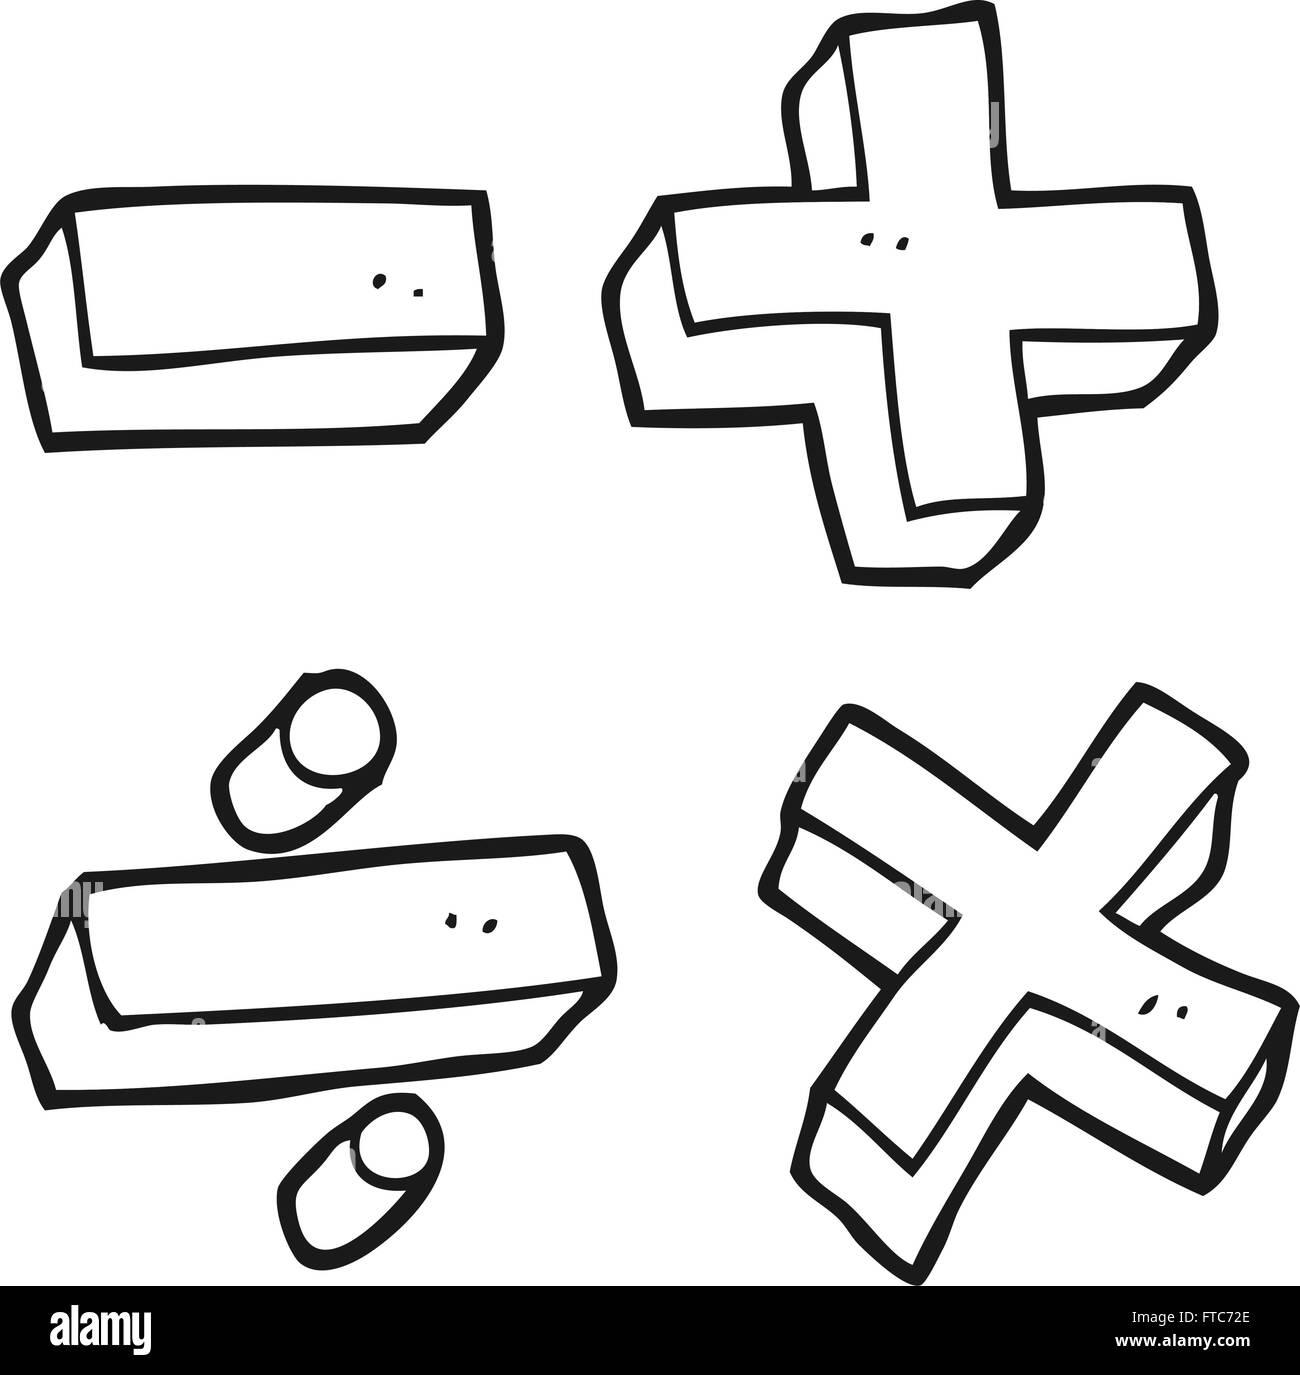 Blanco Y Negro Dibujado A Mano Alzada Cartoon Simbolos Matematicos